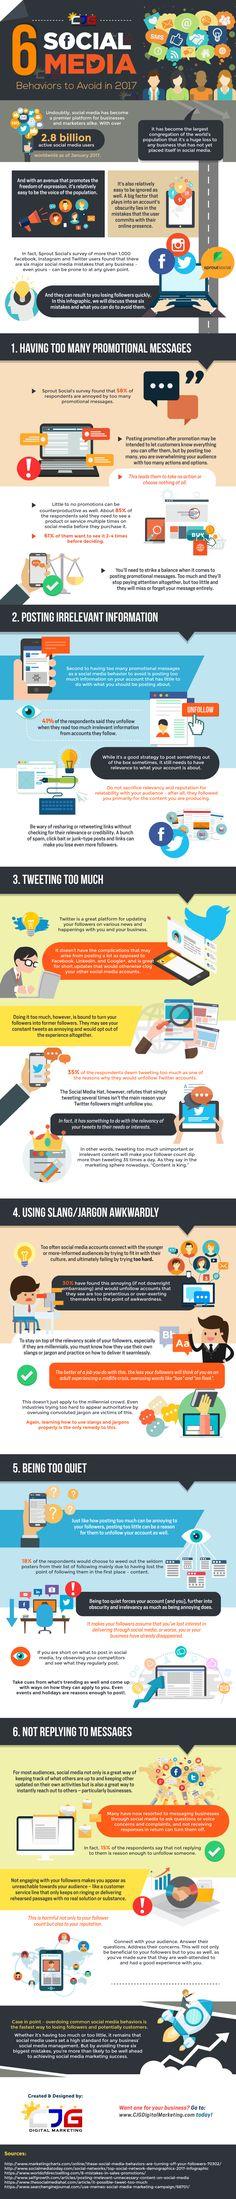 6 Social Media Behaviors to Avoid in 2017 (Infographic)